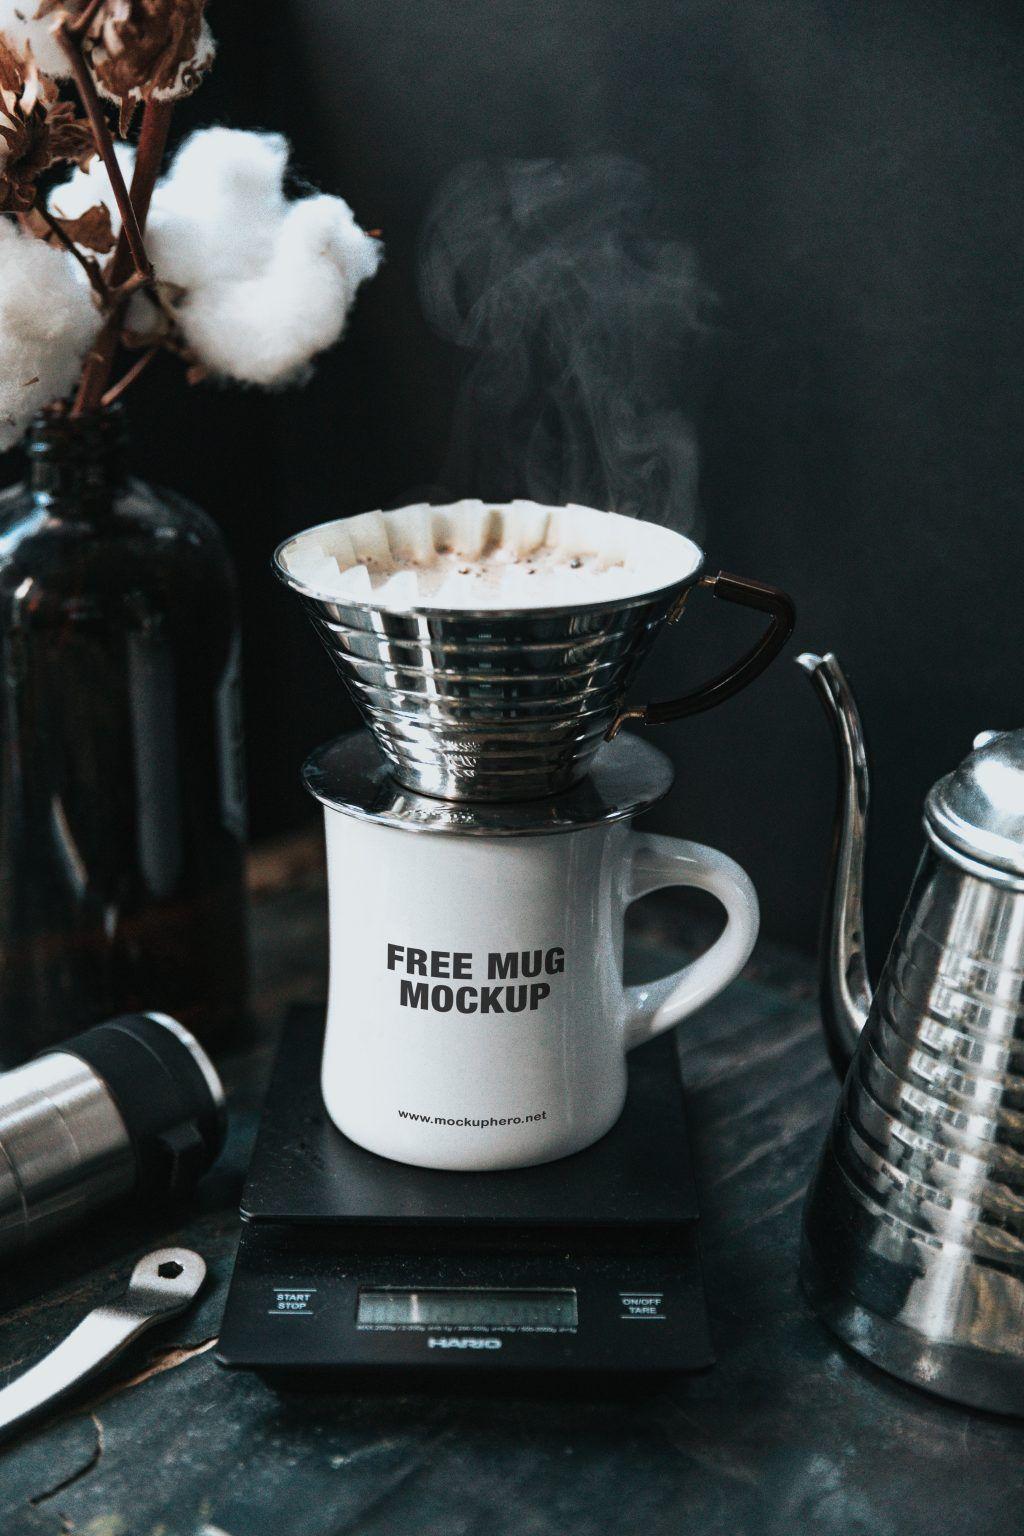 Free coffee mug mockup MockupHero